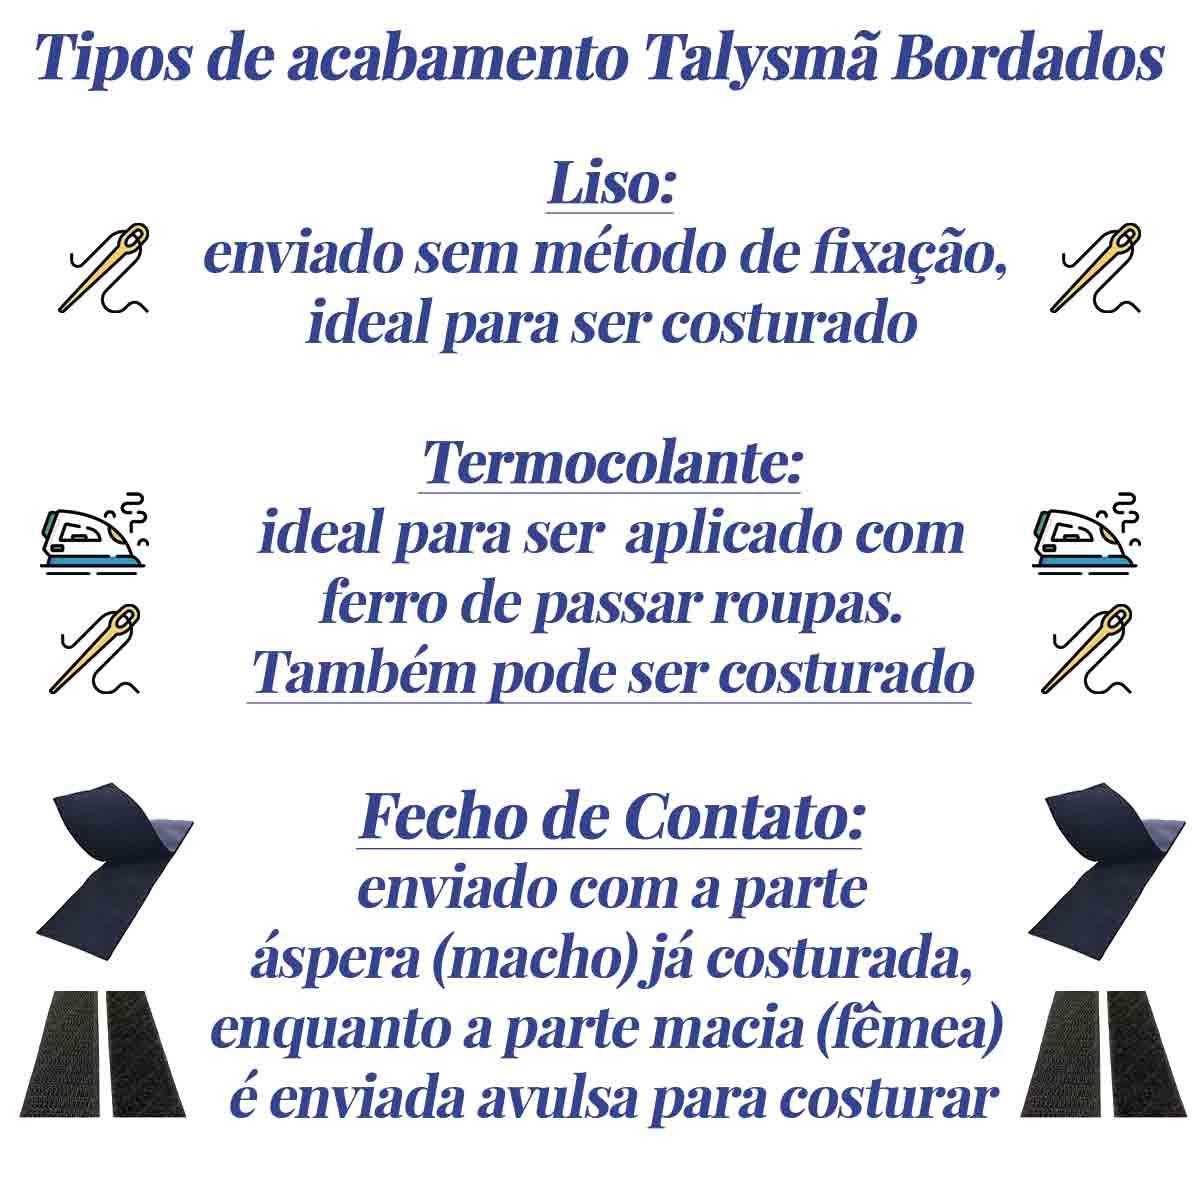 Patch Bordado - Alfabeto Letra U DV80534-419  - Talysmã Bordados